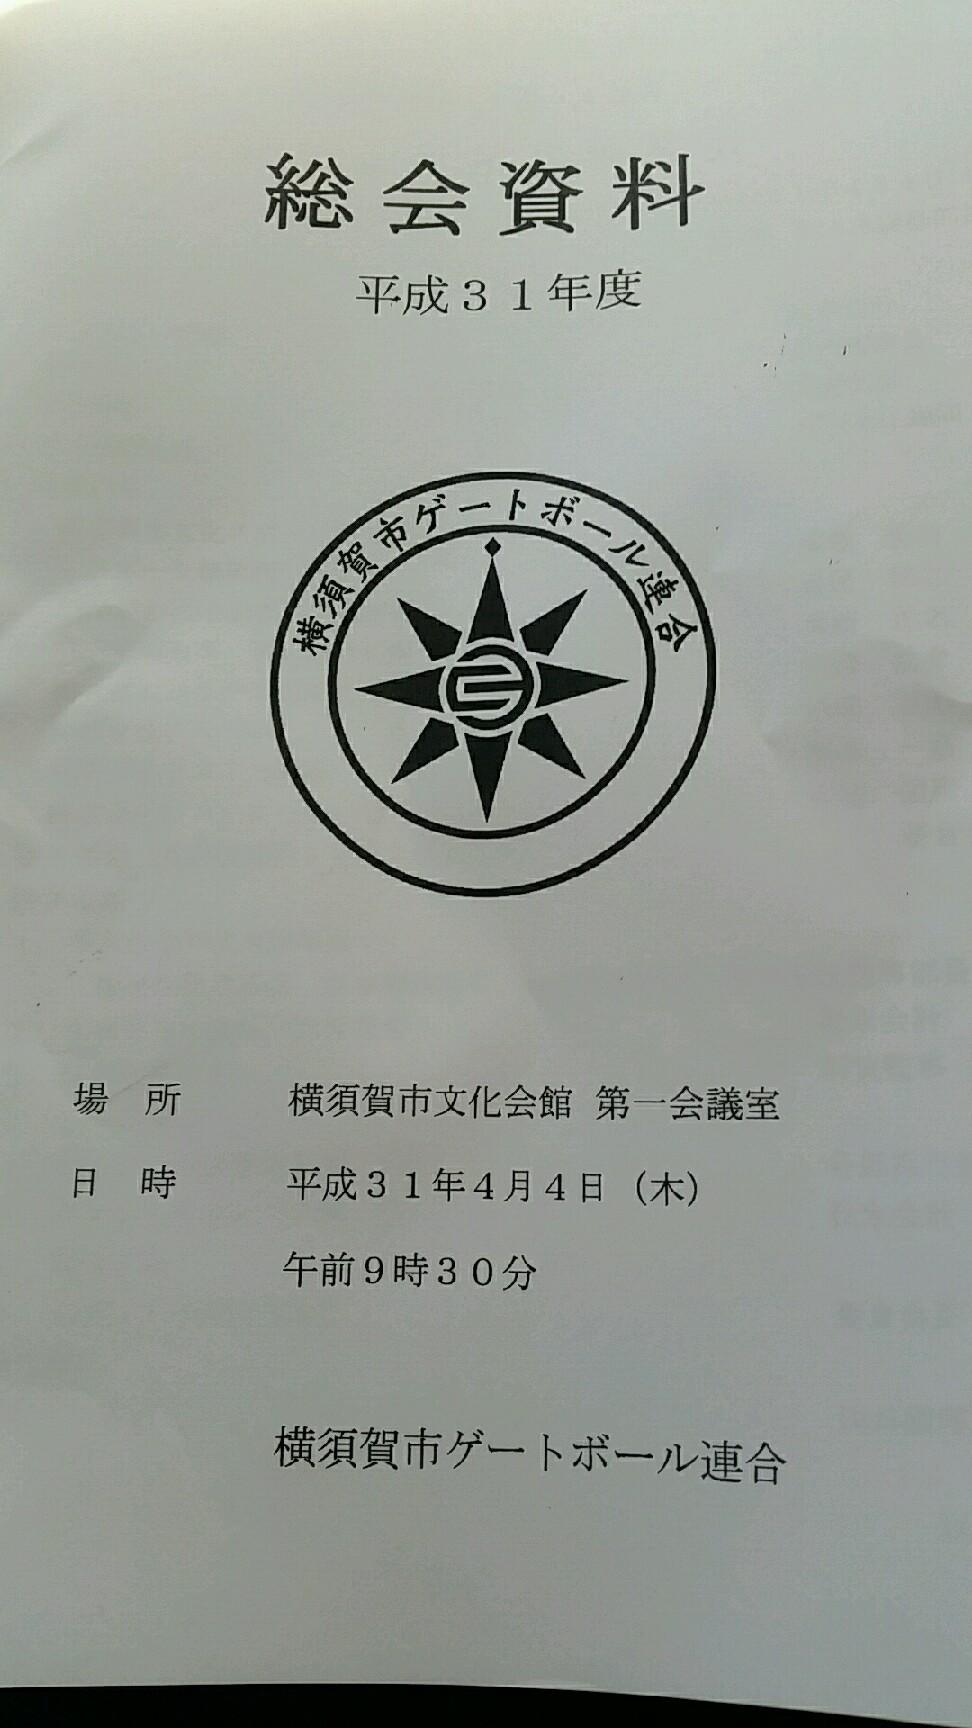 横須賀ゲートボール連..._d0092901_09524579.jpg